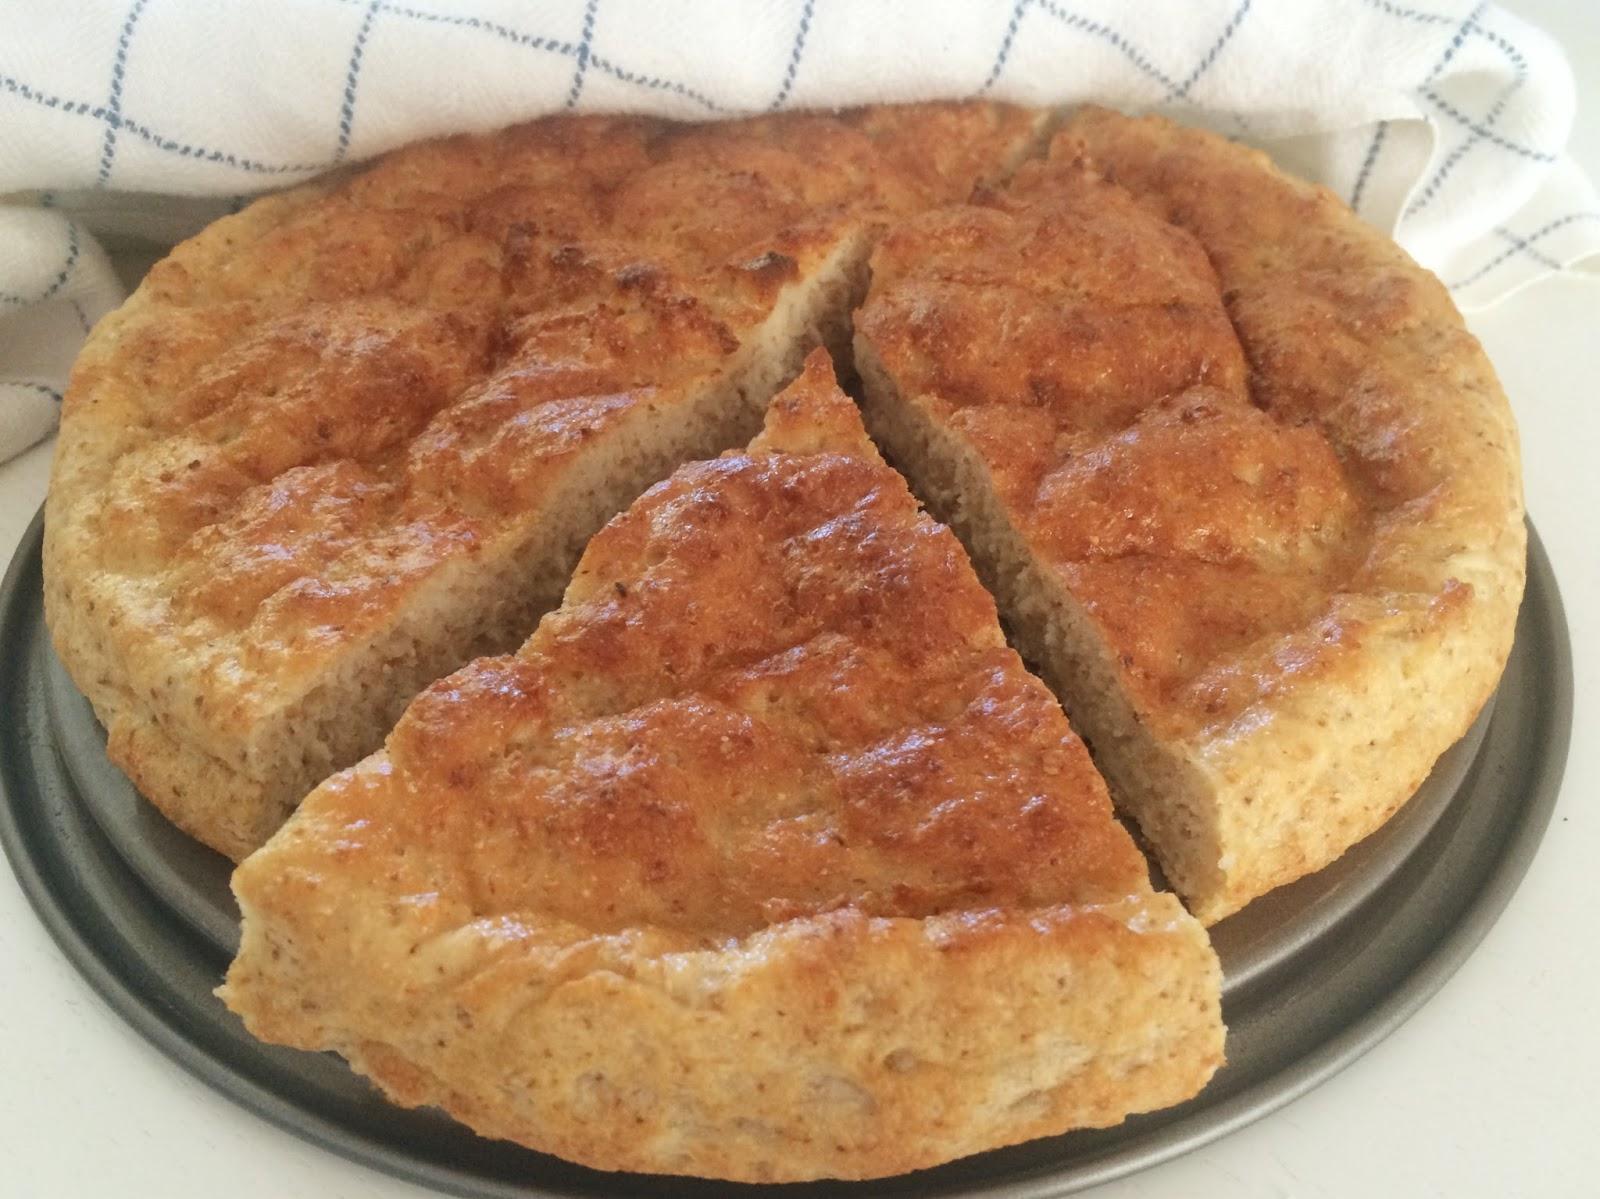 grovt bröd i form